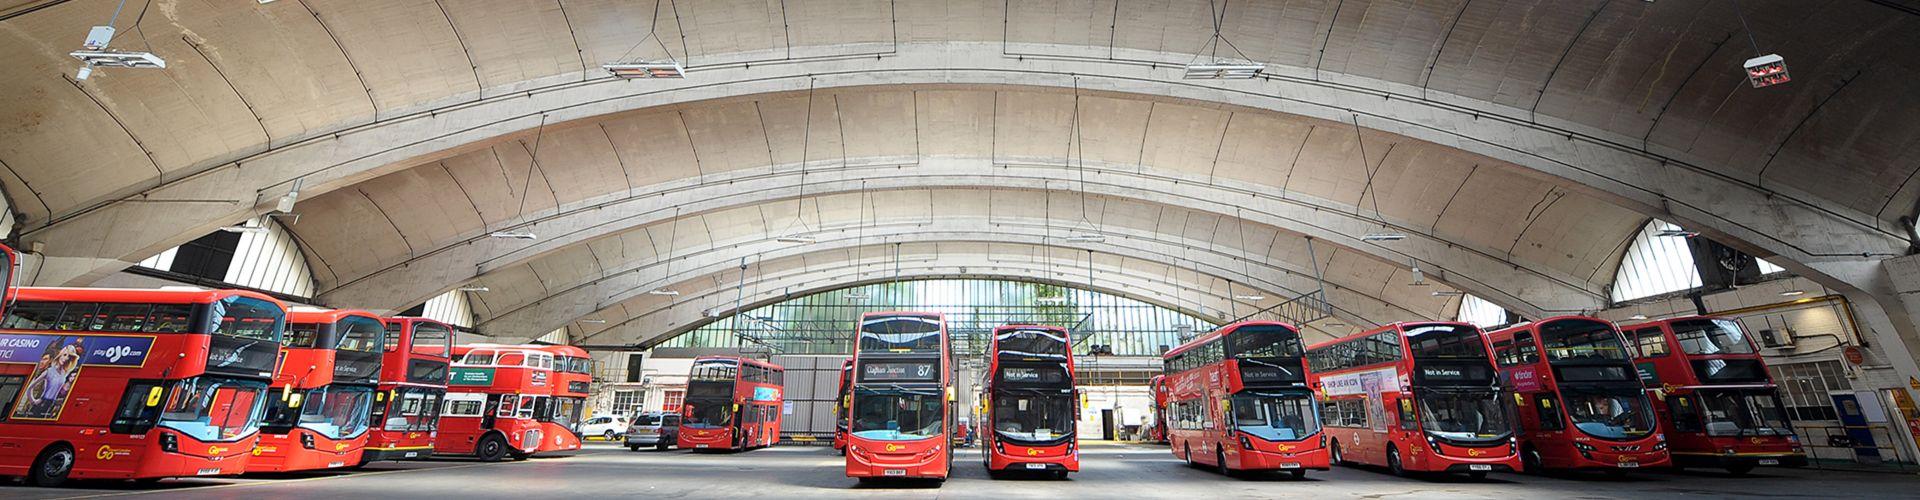 Stockwell Full width image.jpg